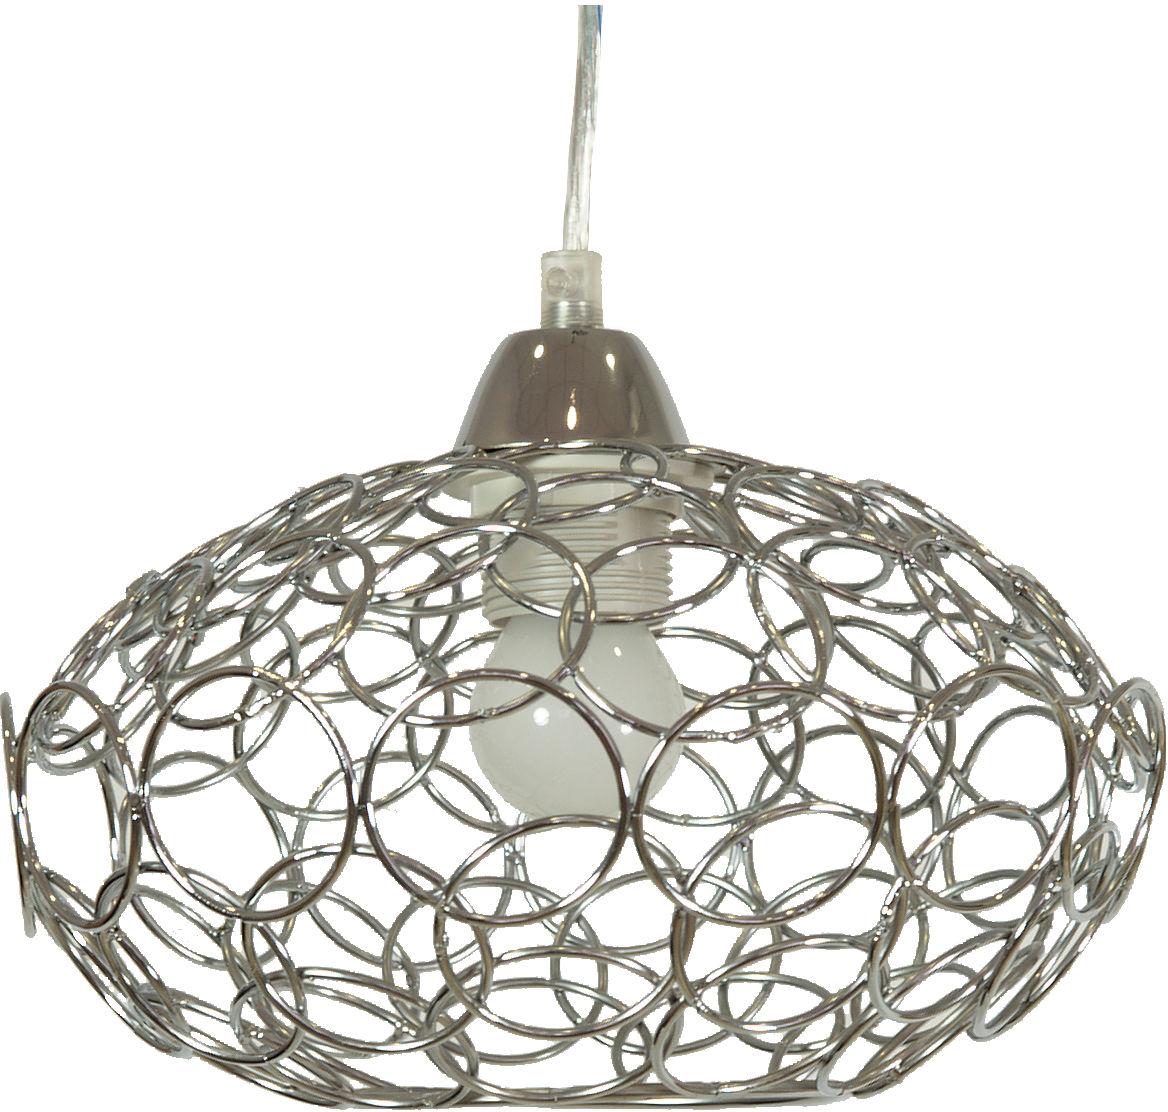 Candellux PINIA 31-13408 lampa wisząca chrom metalowy klosz 1X60W E27 25cm